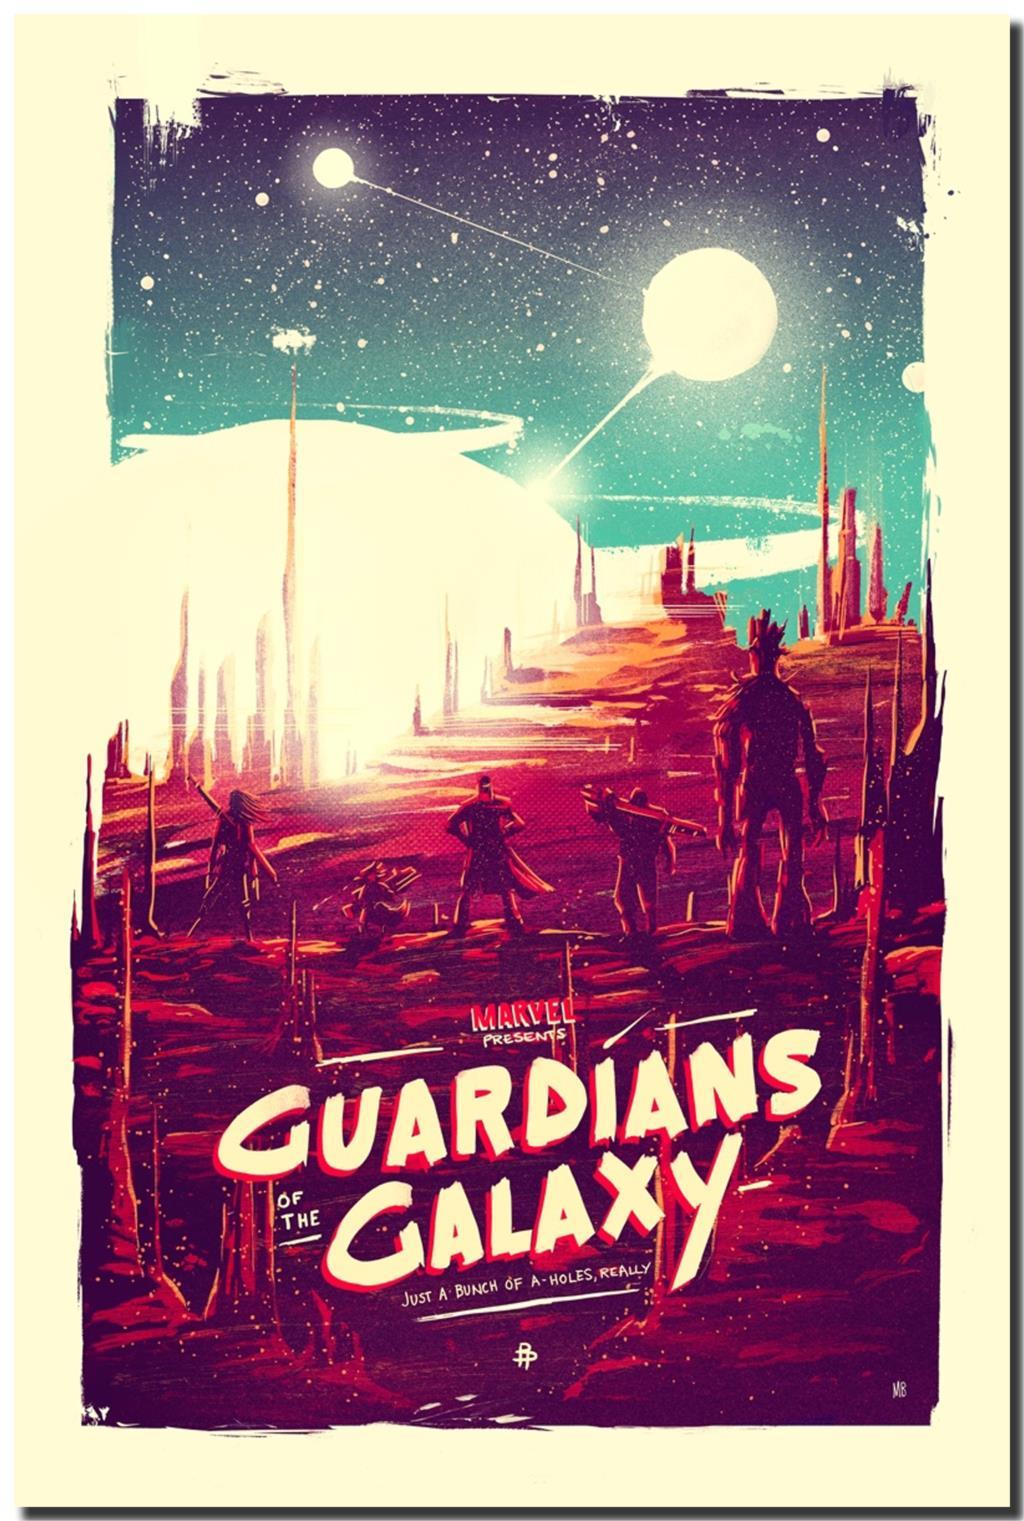 Mt Películas De Ciencia Ficción Guardianes De La Galaxia - Guardian Of The Galaxy Art , HD Wallpaper & Backgrounds